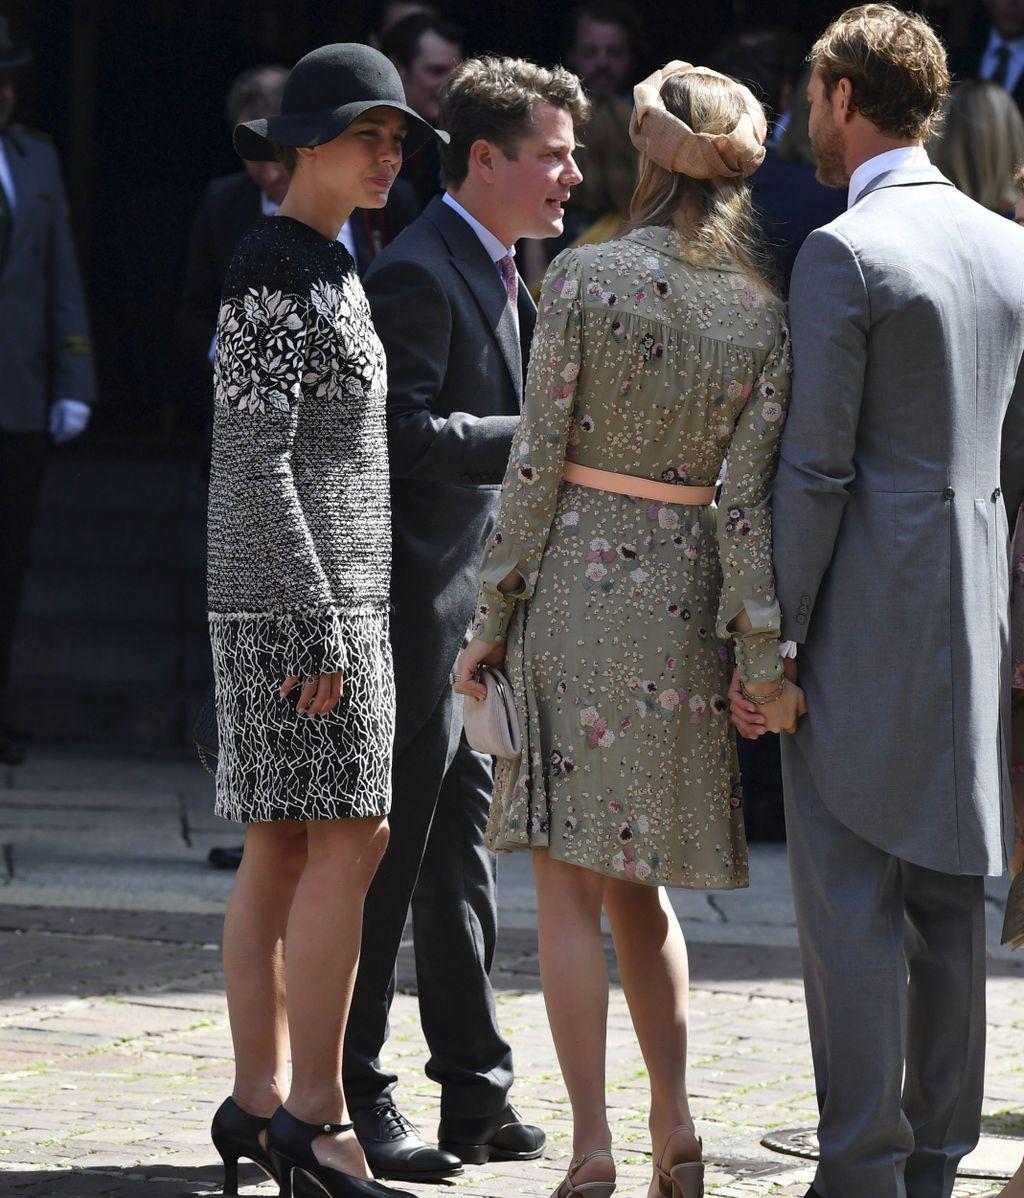 ¡Las fotos! de la boda real de Ernesto Augusto de Hannover  y Ekaterina Malysheva